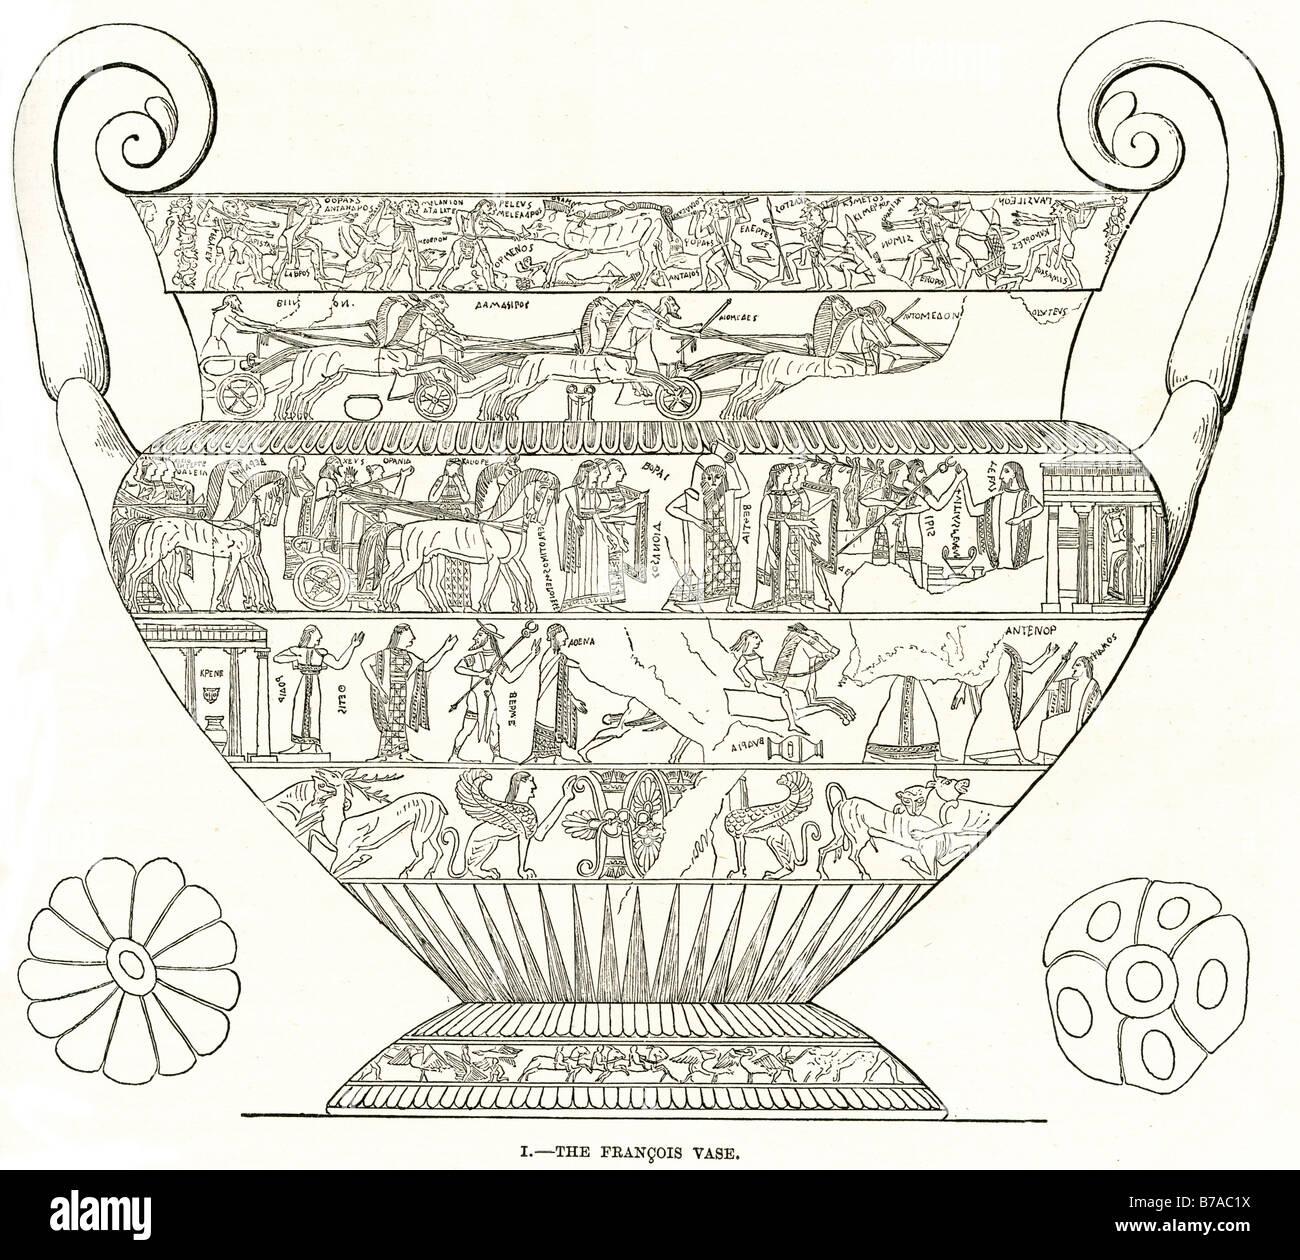 Francois vase volute krater etruscan tomb 1844 hieroglyph greek francois vase volute krater etruscan tomb 1844 hieroglyph greek pottery fonte rotella reviewsmspy